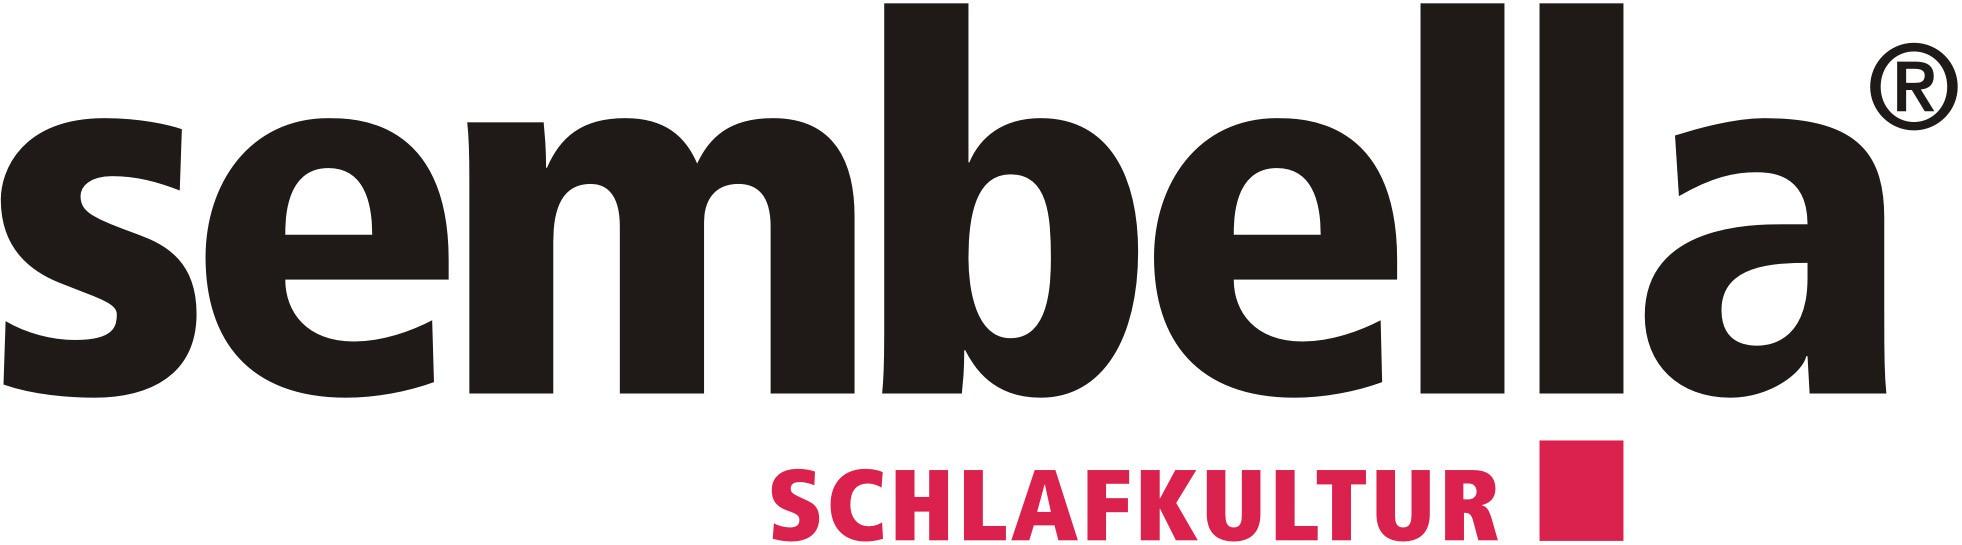 Logo  2001 Semb